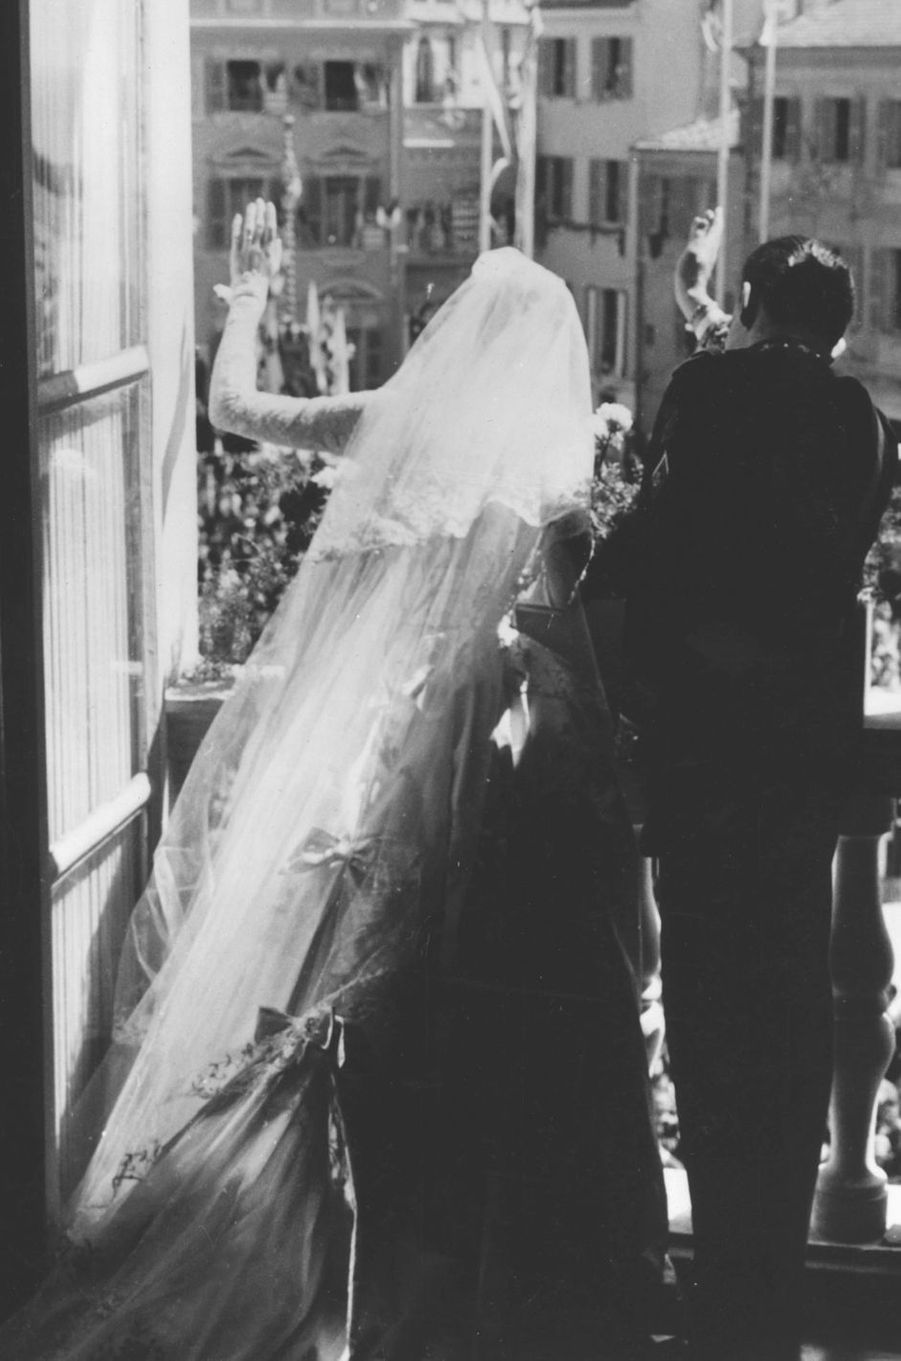 La princesse Grace et le prince Rainier III de Monaco, le jour de leur mariage le 19 avril 1956